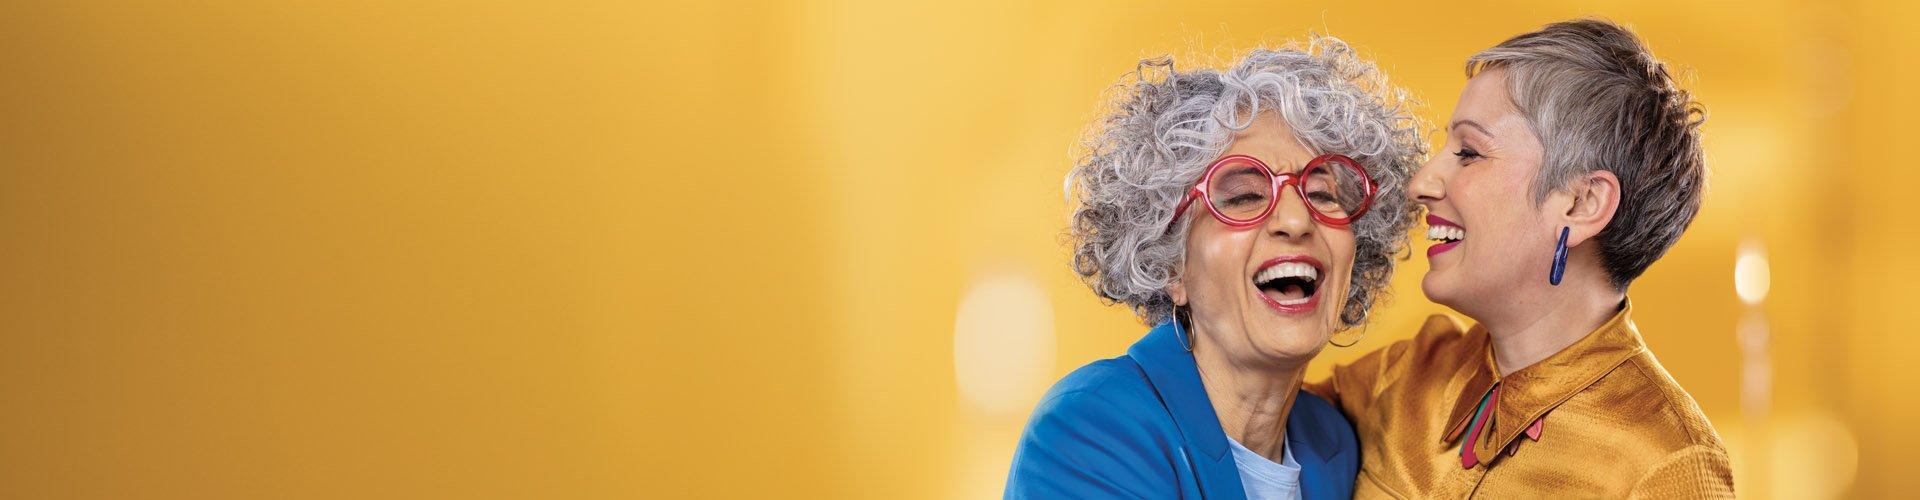 Dwie kobiety nawiązujące łączność. Philips Hearing Solutions pomaga ci aktywnie słuchać, abyś mógł aktywnie uczestniczyć.